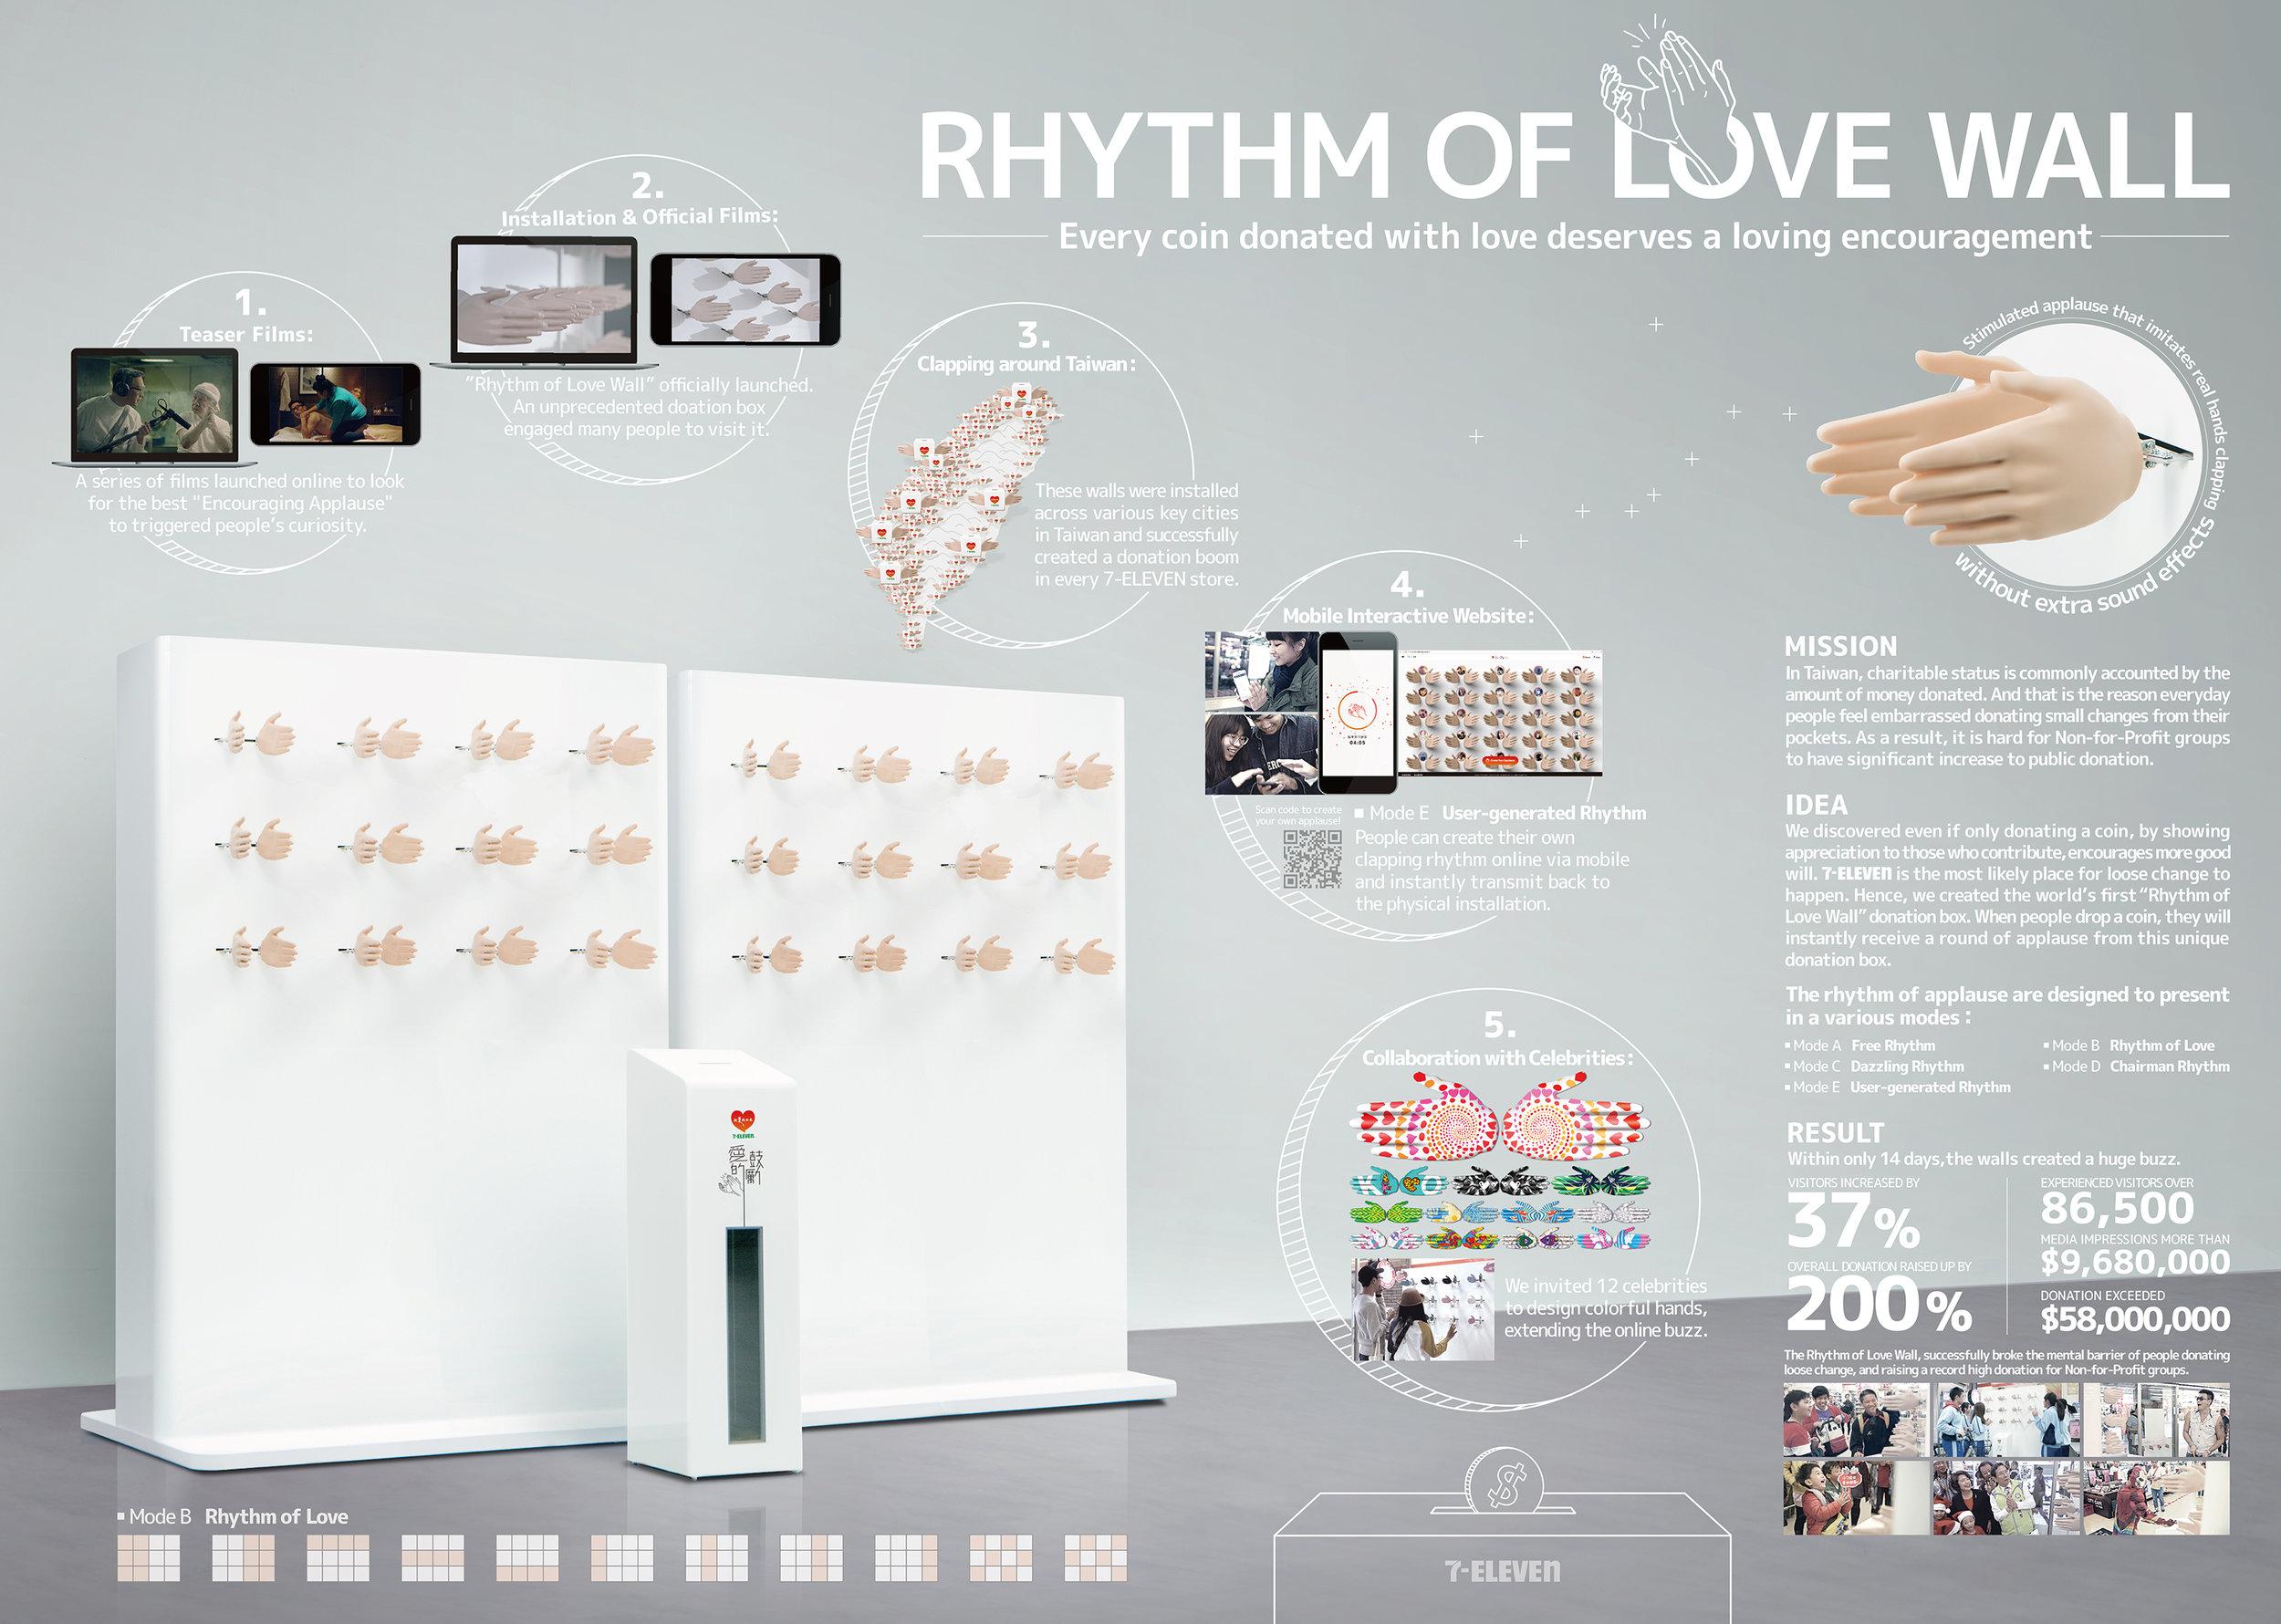 Rhythm of Love Wall presentation image_integarted.jpg